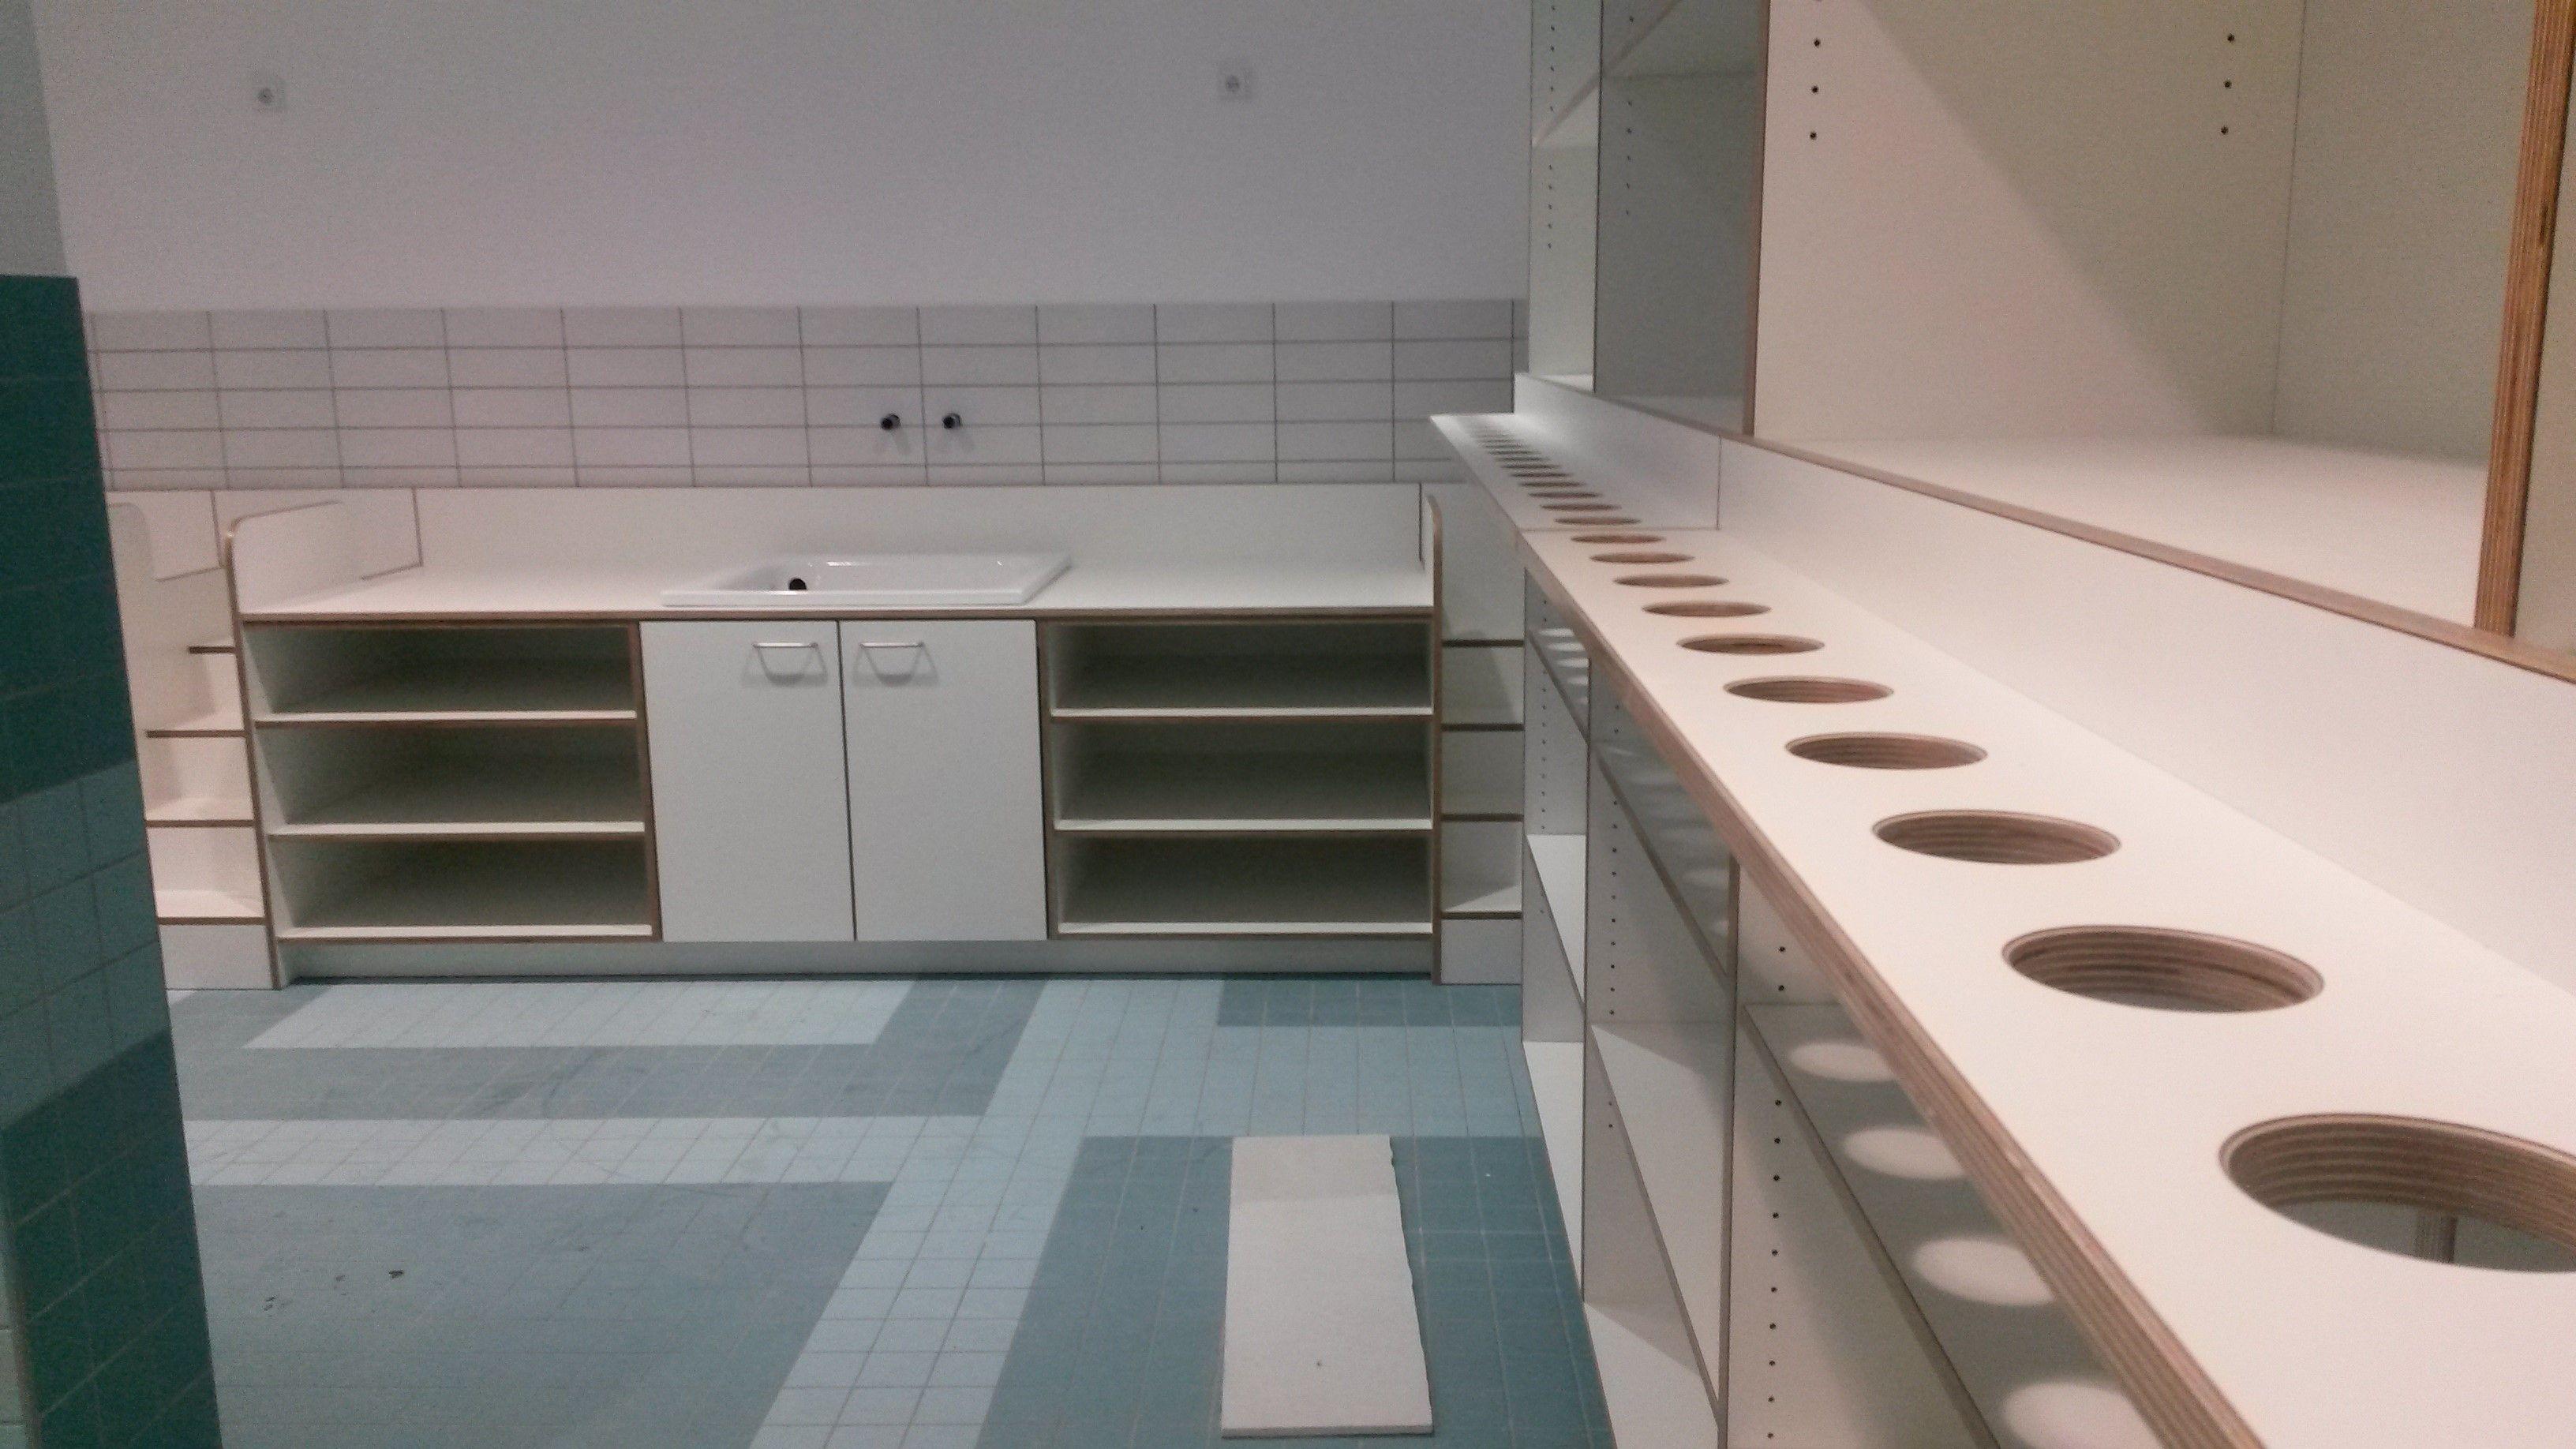 Wickelkommode Mit Badewanne Kindergarten Innenausbau